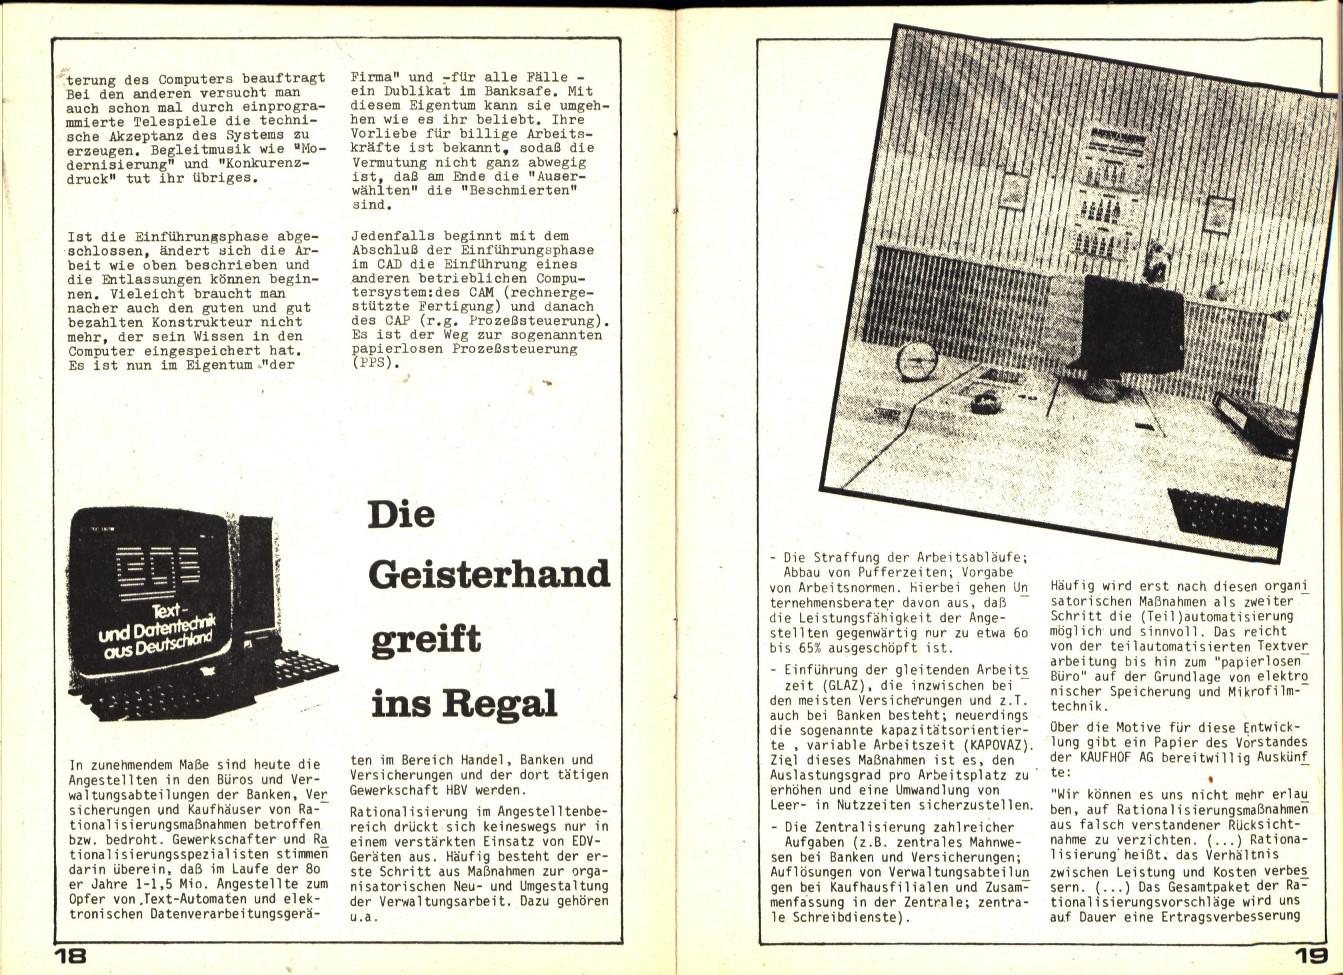 FAU_1990_Die_Roboter_kommen_11